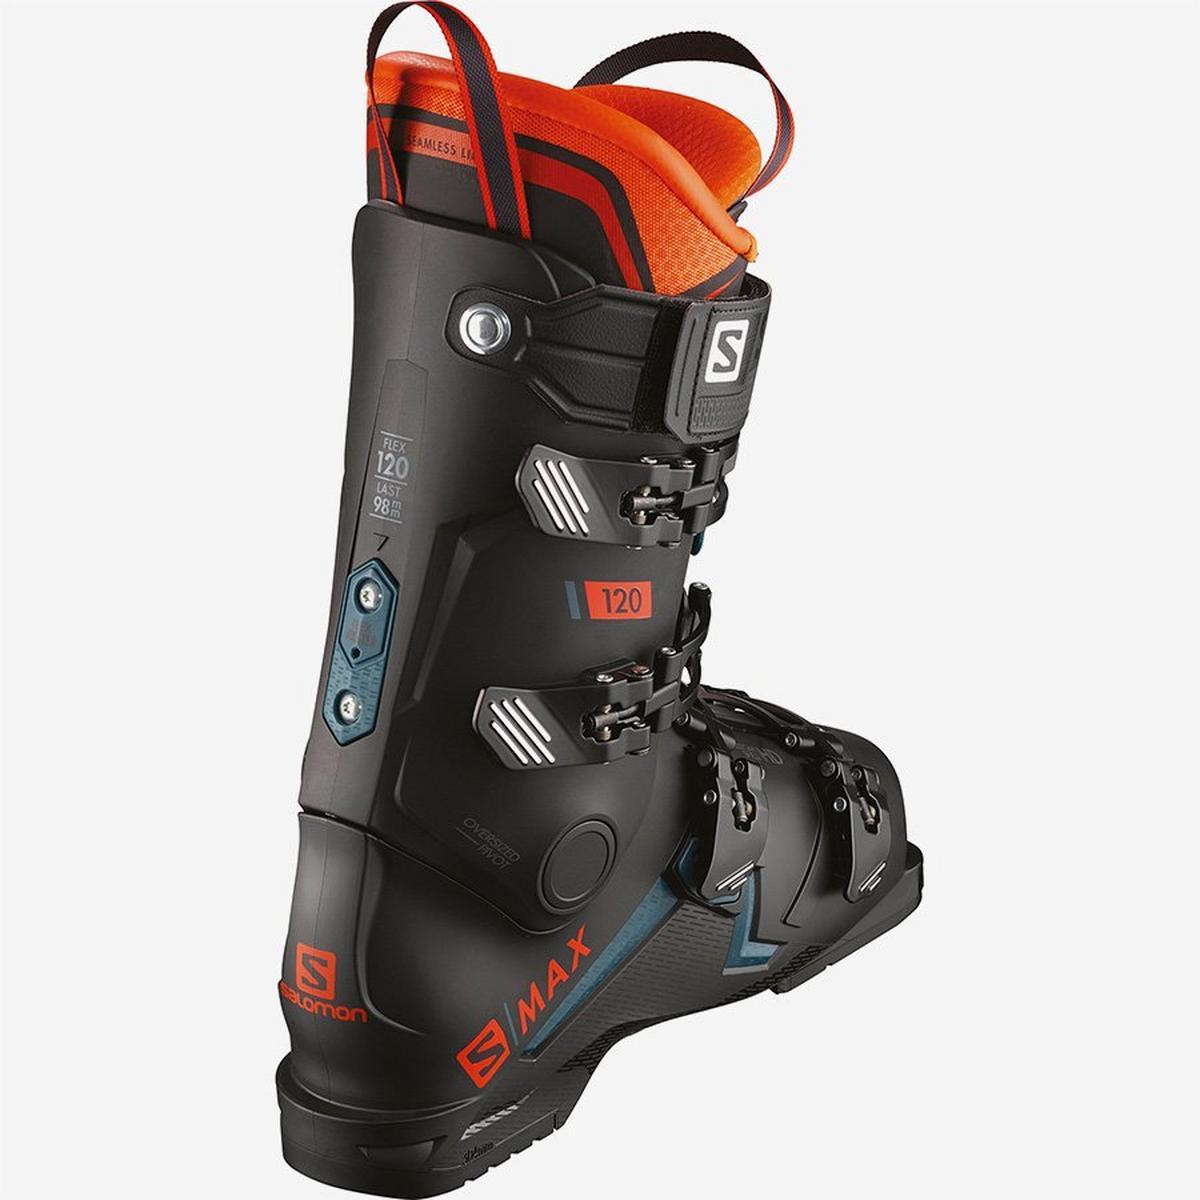 Salomon Men's S/MAX 120 Ski Boot - Orange/Black